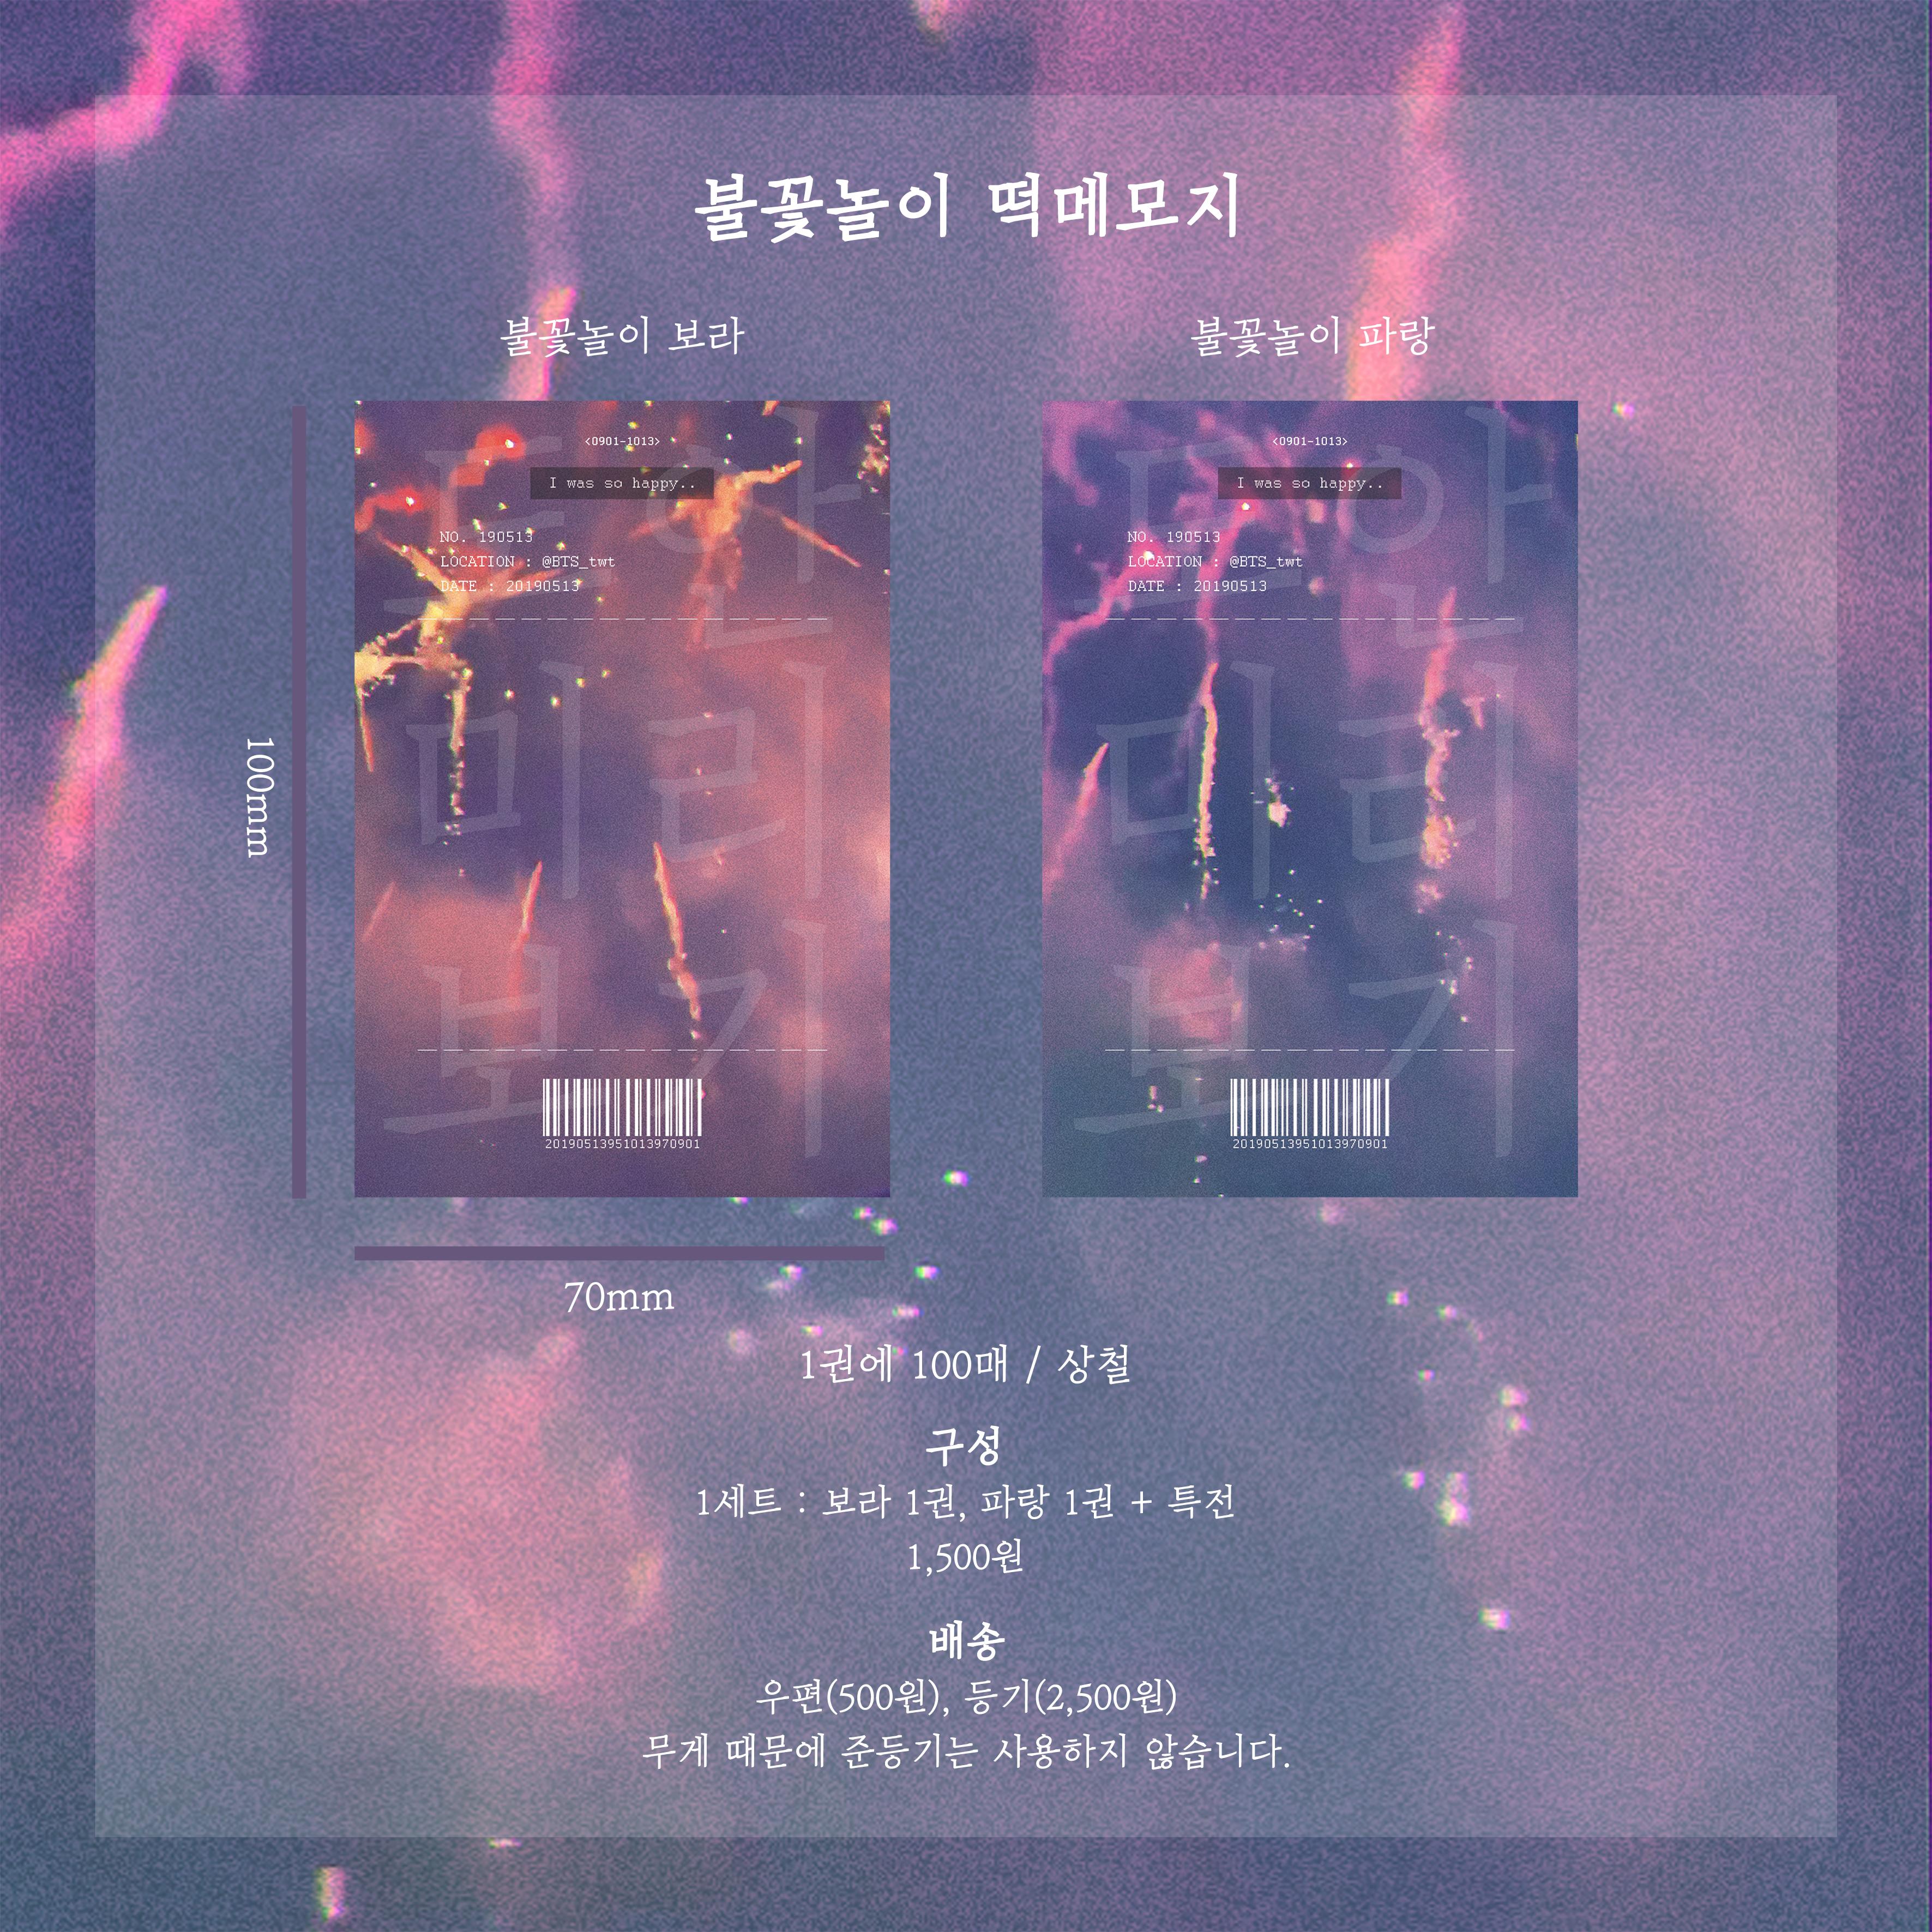 방탄소년단) 🎆불꽃놀이 떡메모지 공구 입금공지🎆 | 인스티즈